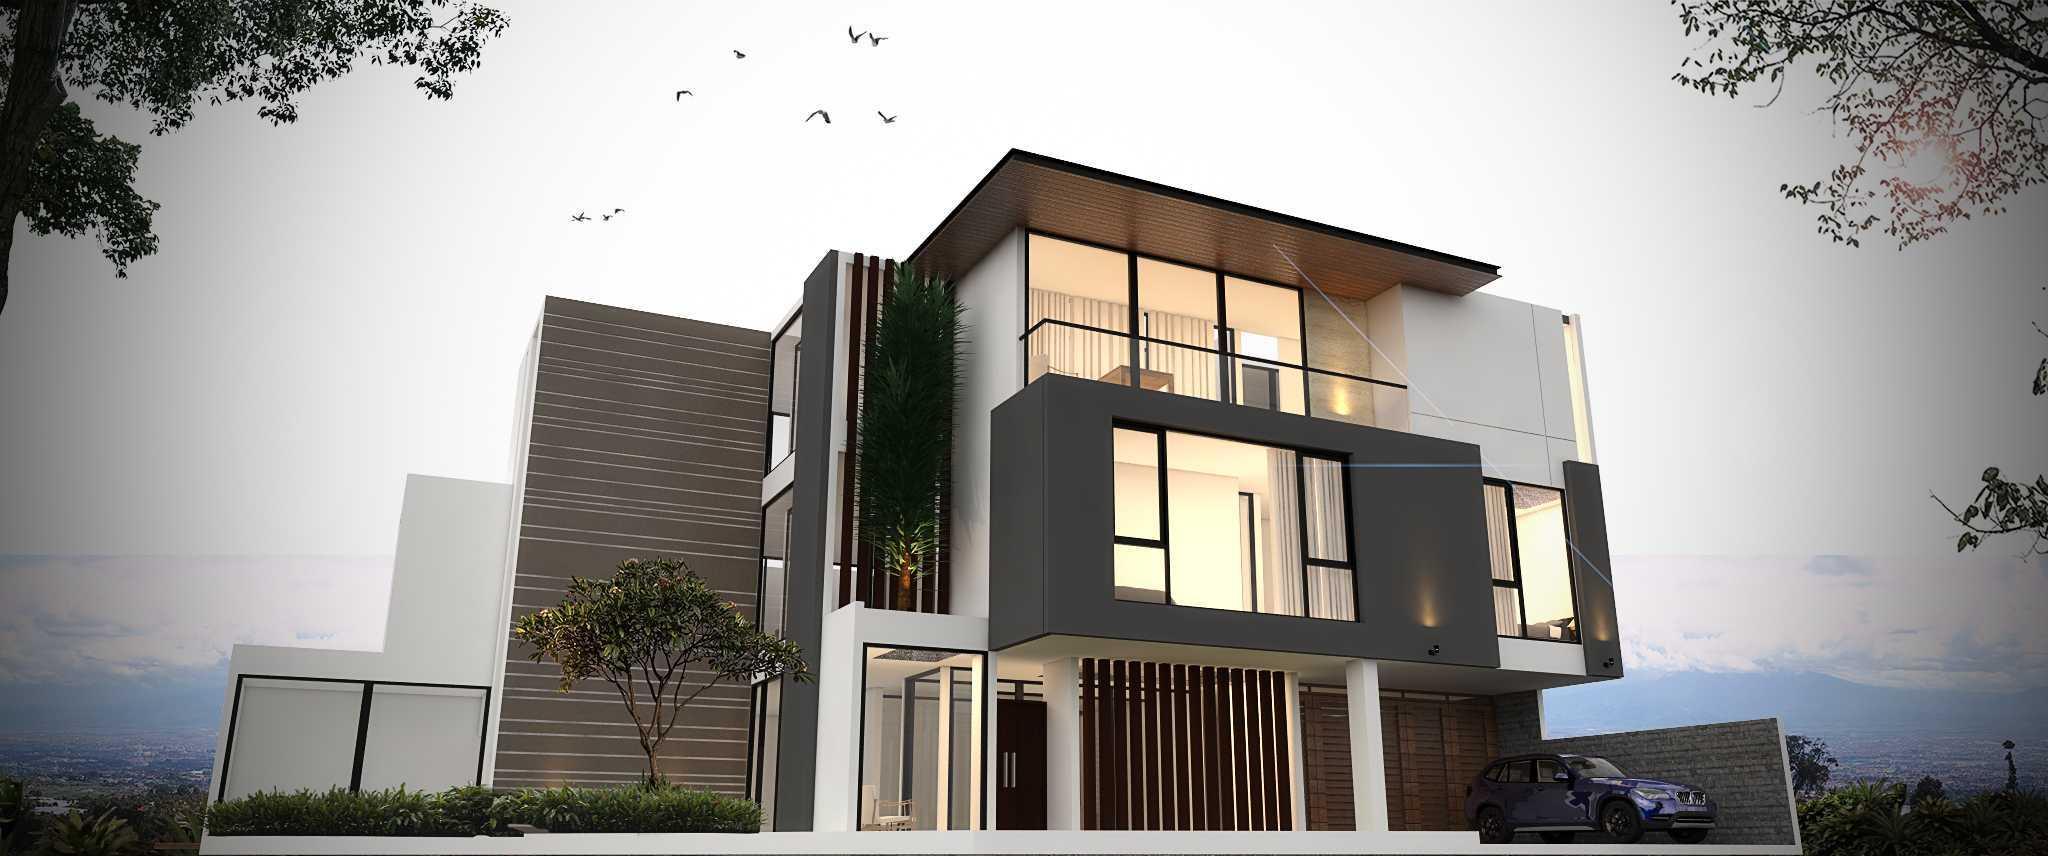 Sabio Design Modern House Surabaya Surabaya, Kota Sby, Jawa Timur, Indonesia Surabaya, Kota Sby, Jawa Timur, Indonesia Sabio-Design-Modern-House-Surabaya Modern 119901